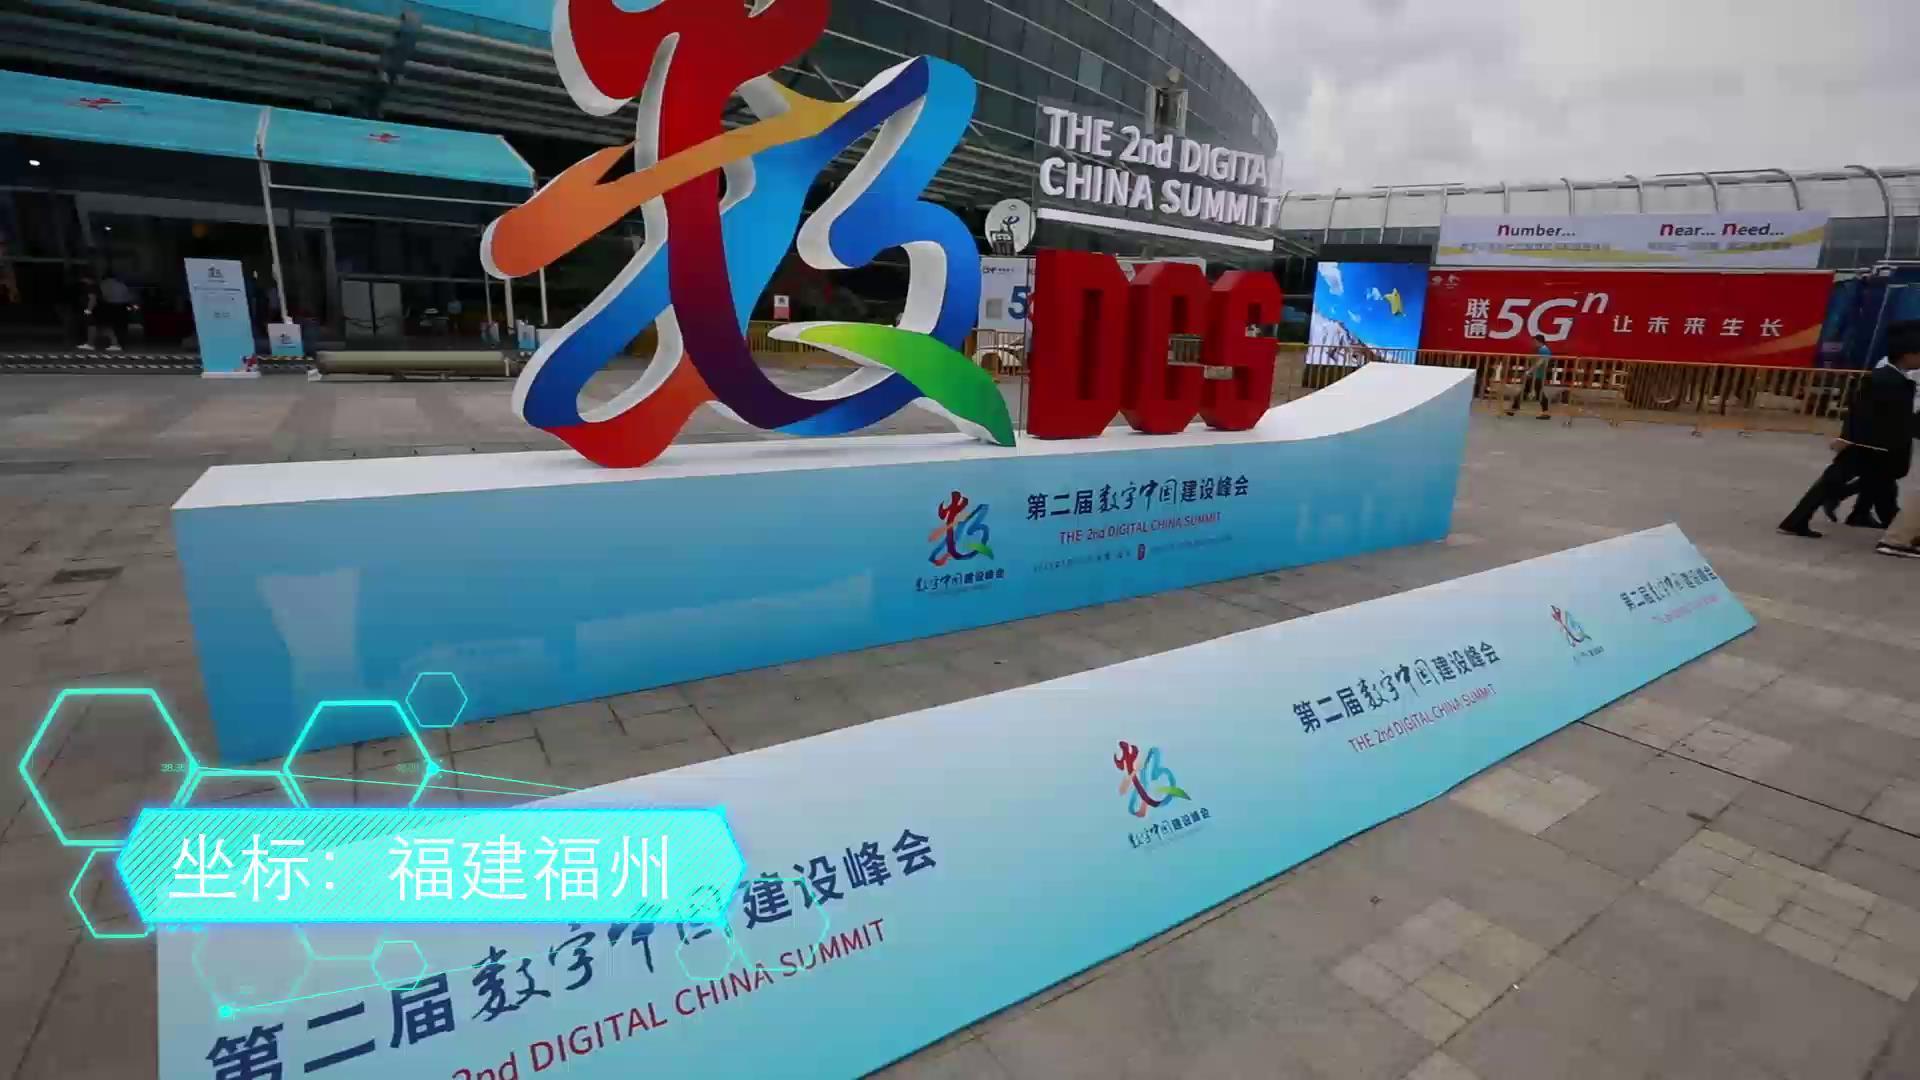 ¡°黑科技¡±云集 第二届数字中国建设成果展?#24515;?#20123;好玩的£¿图片